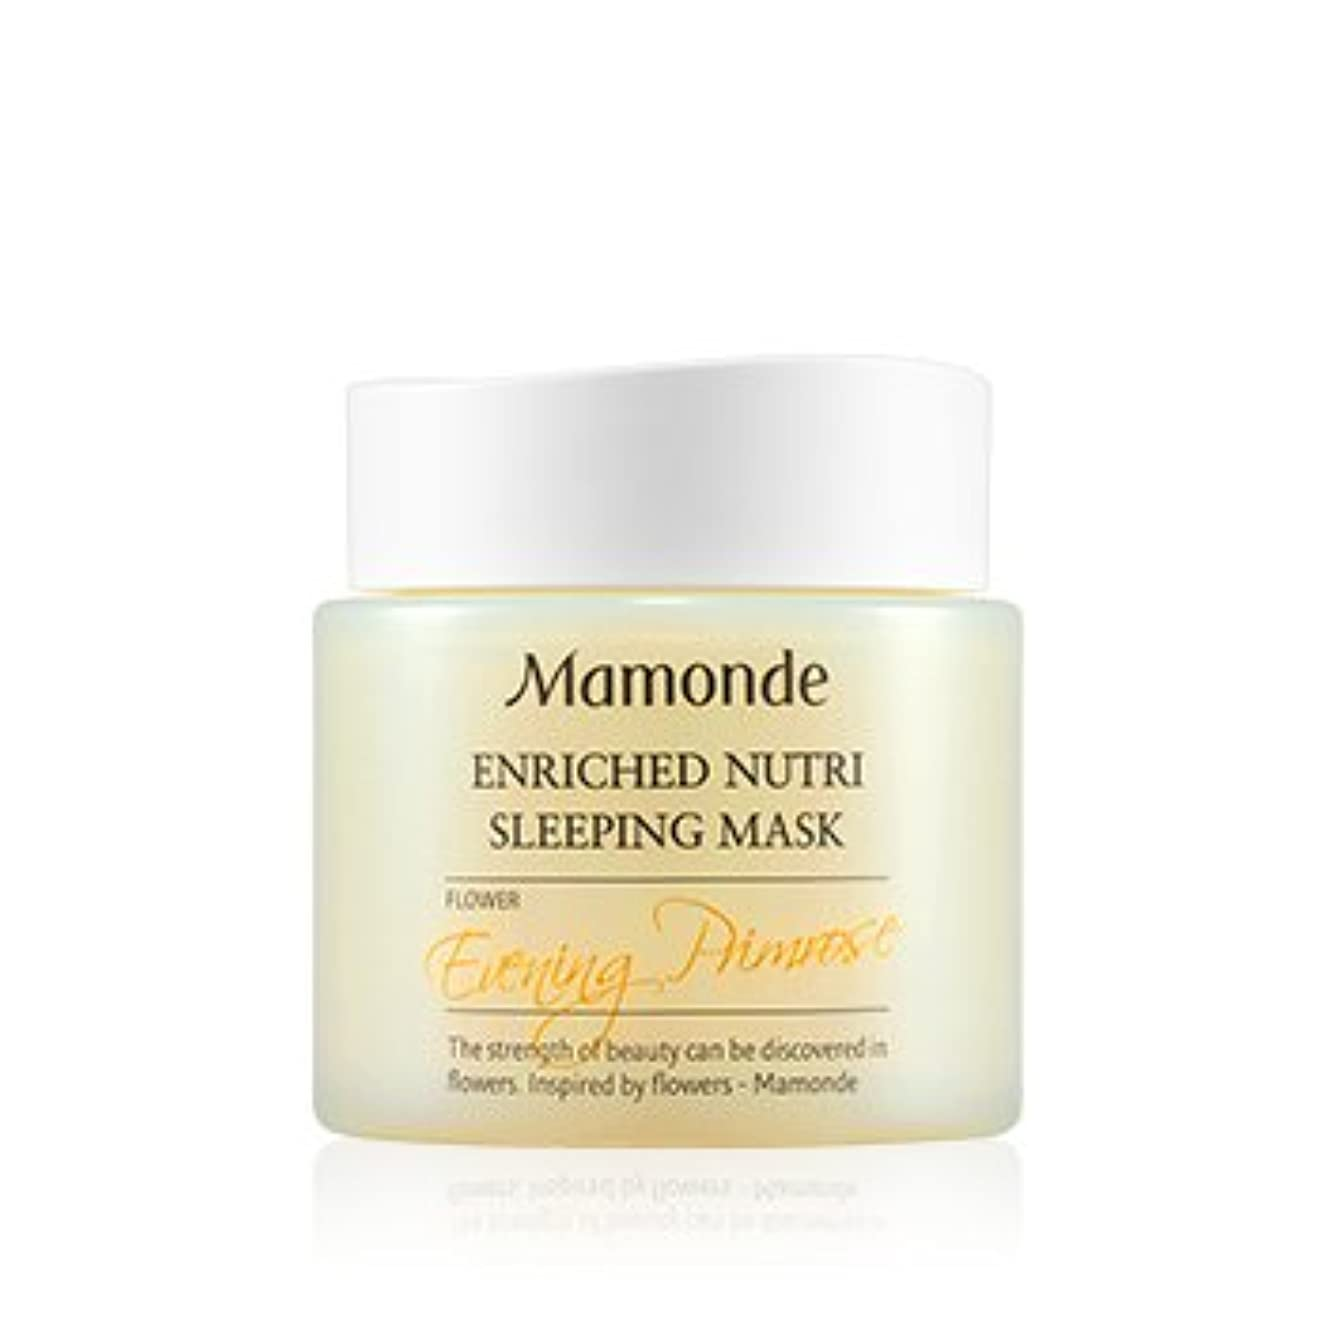 非アクティブ居心地の良い反応する[New] Mamonde Enriched Nutri Sleeping Mask 100ml/マモンド エンリッチド ニュートリ スリーピング マスク 100ml [並行輸入品]